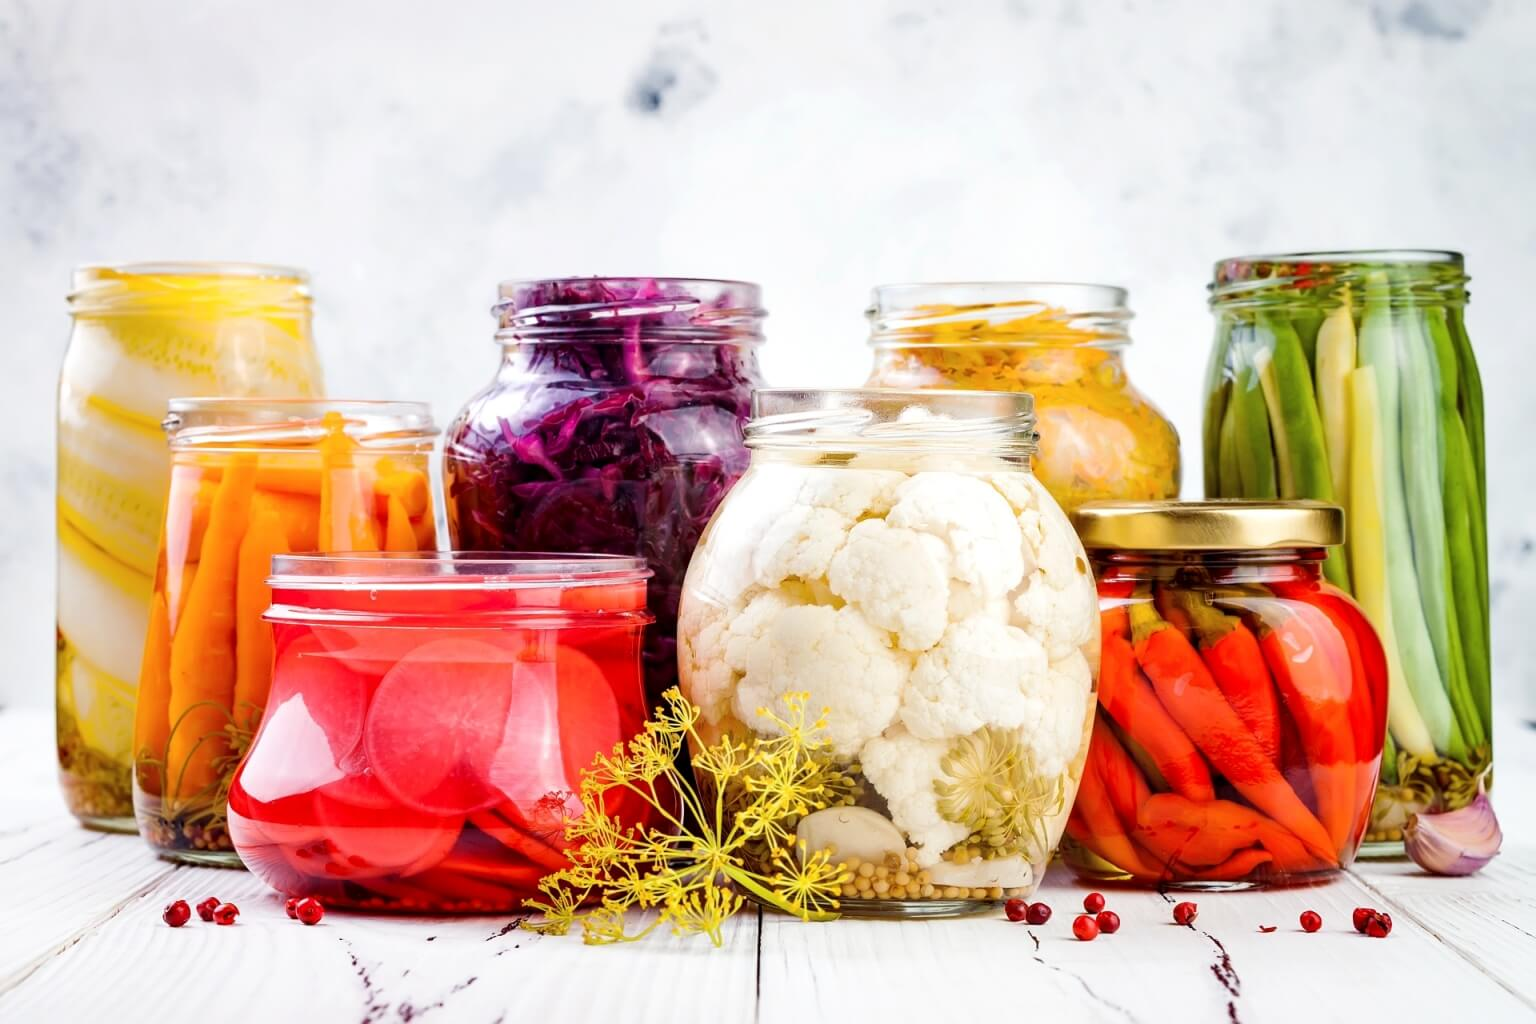 Co jeść przy antybiotyku? Brać probiotyk przed czy po antybiotyku? Jak wygląda dieta przy antybiotykoterapii?